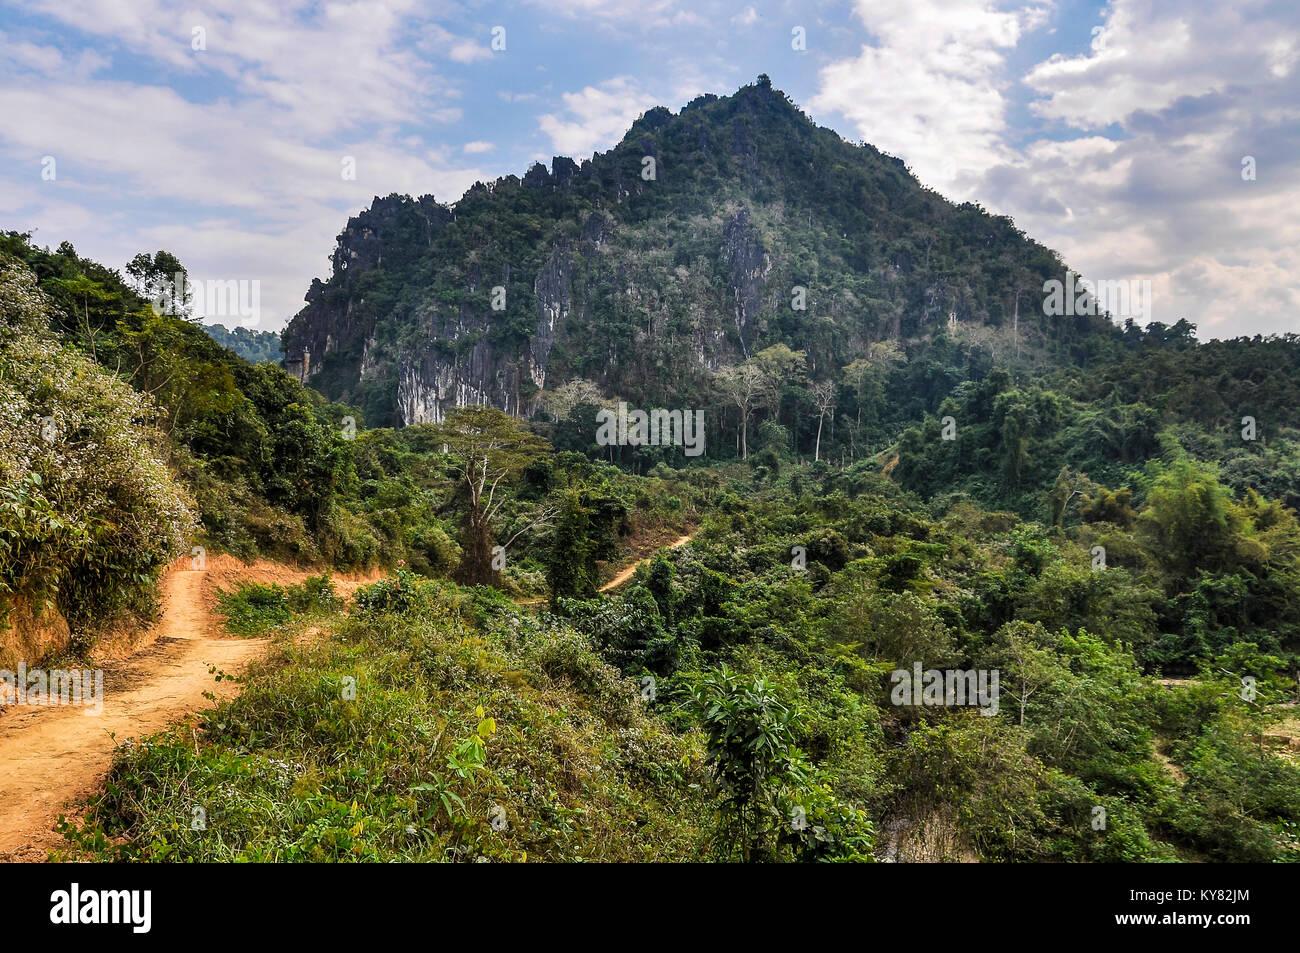 Paysage rural dans le village de Muang Ngoi dans le Nord du Laos Photo Stock